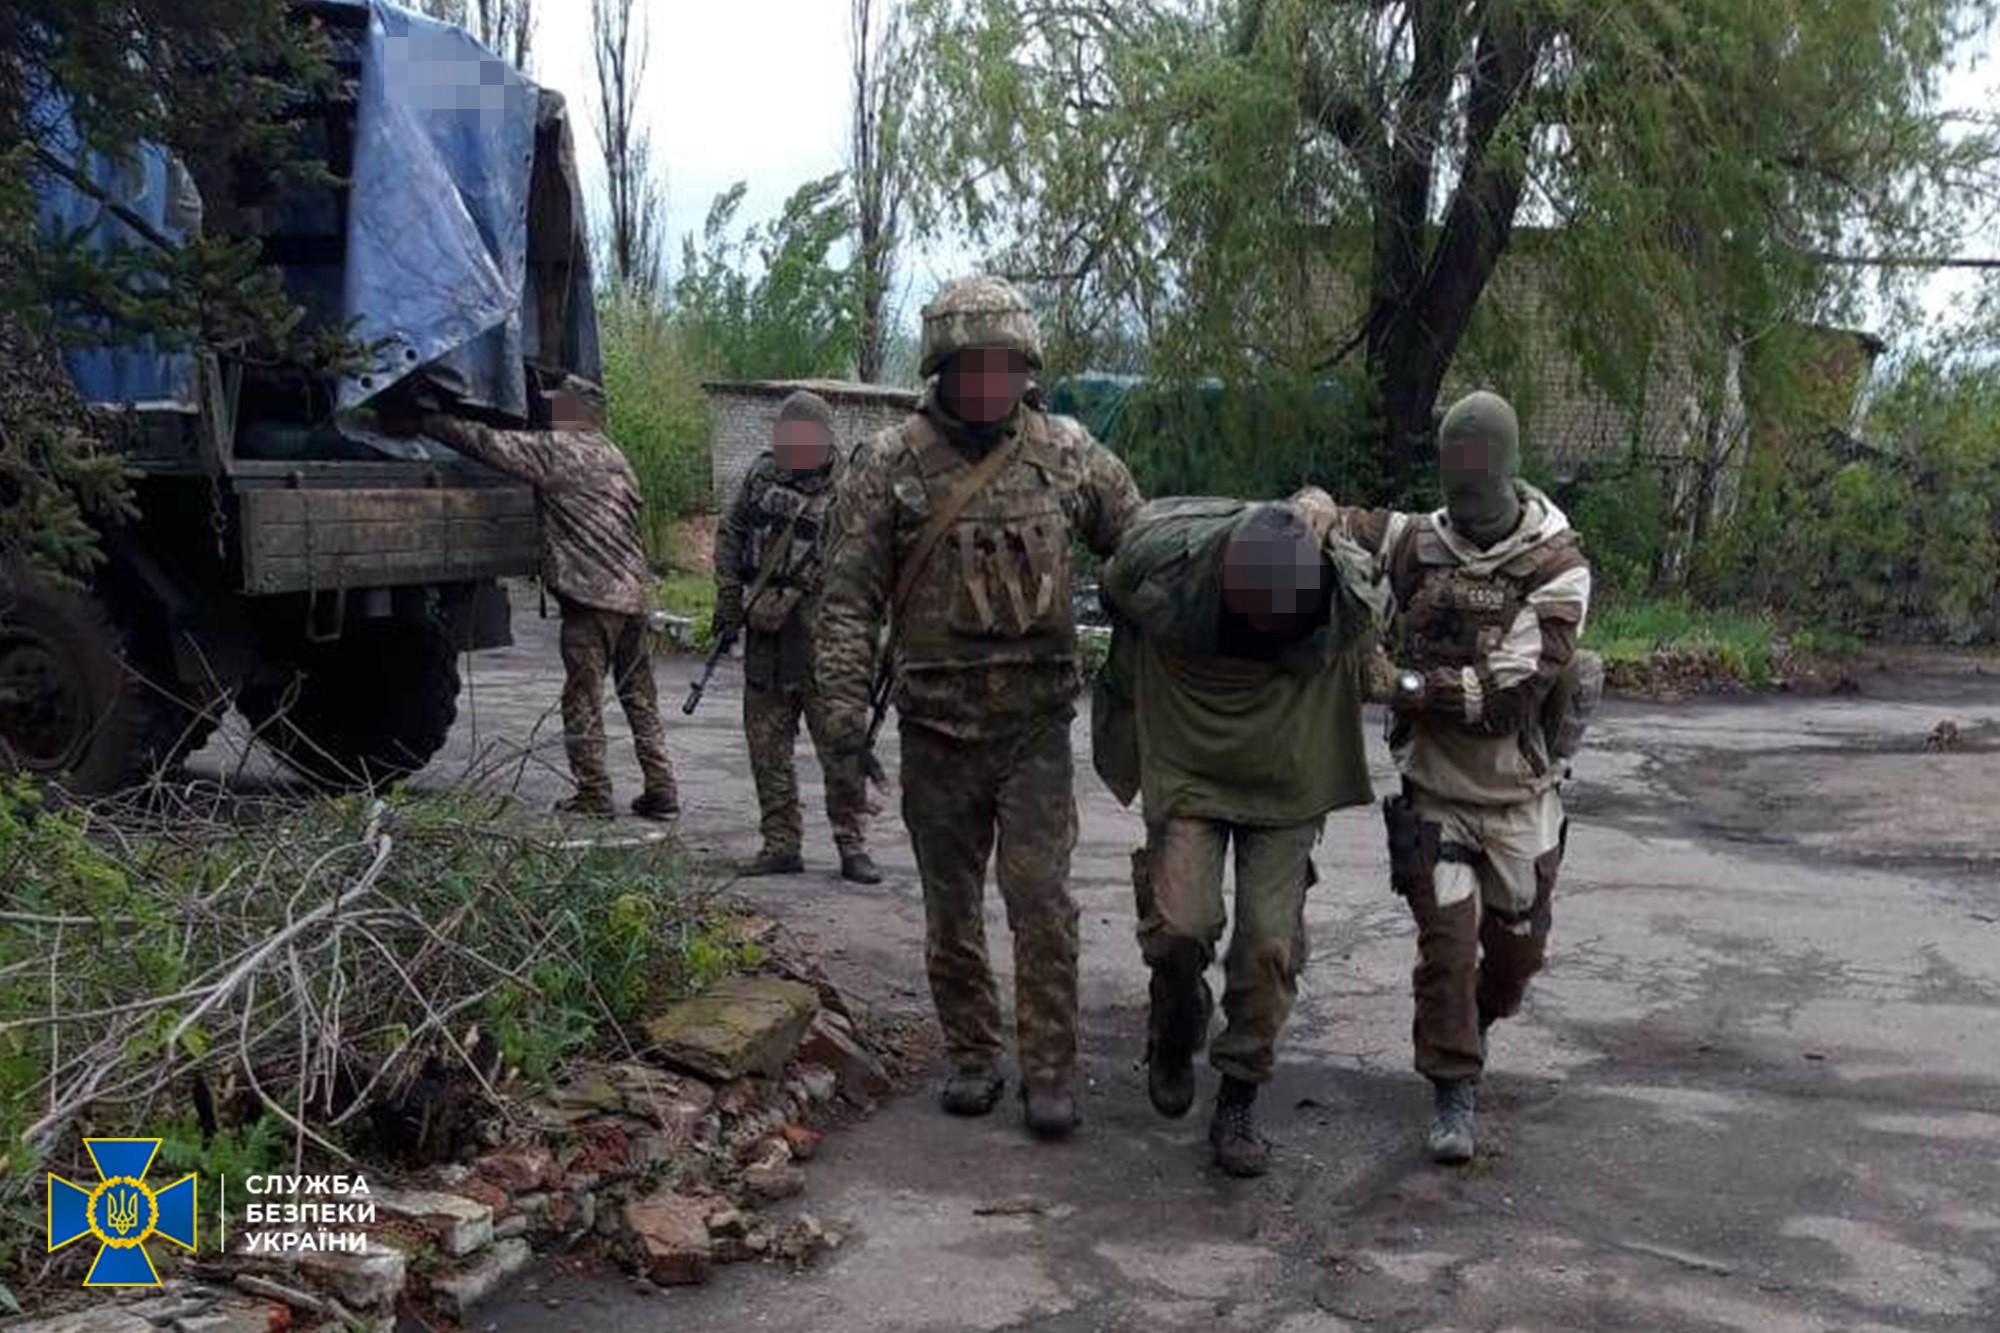 СБУ затримала розвідника «ДНР» поблизу лінії вогню на Донбасі